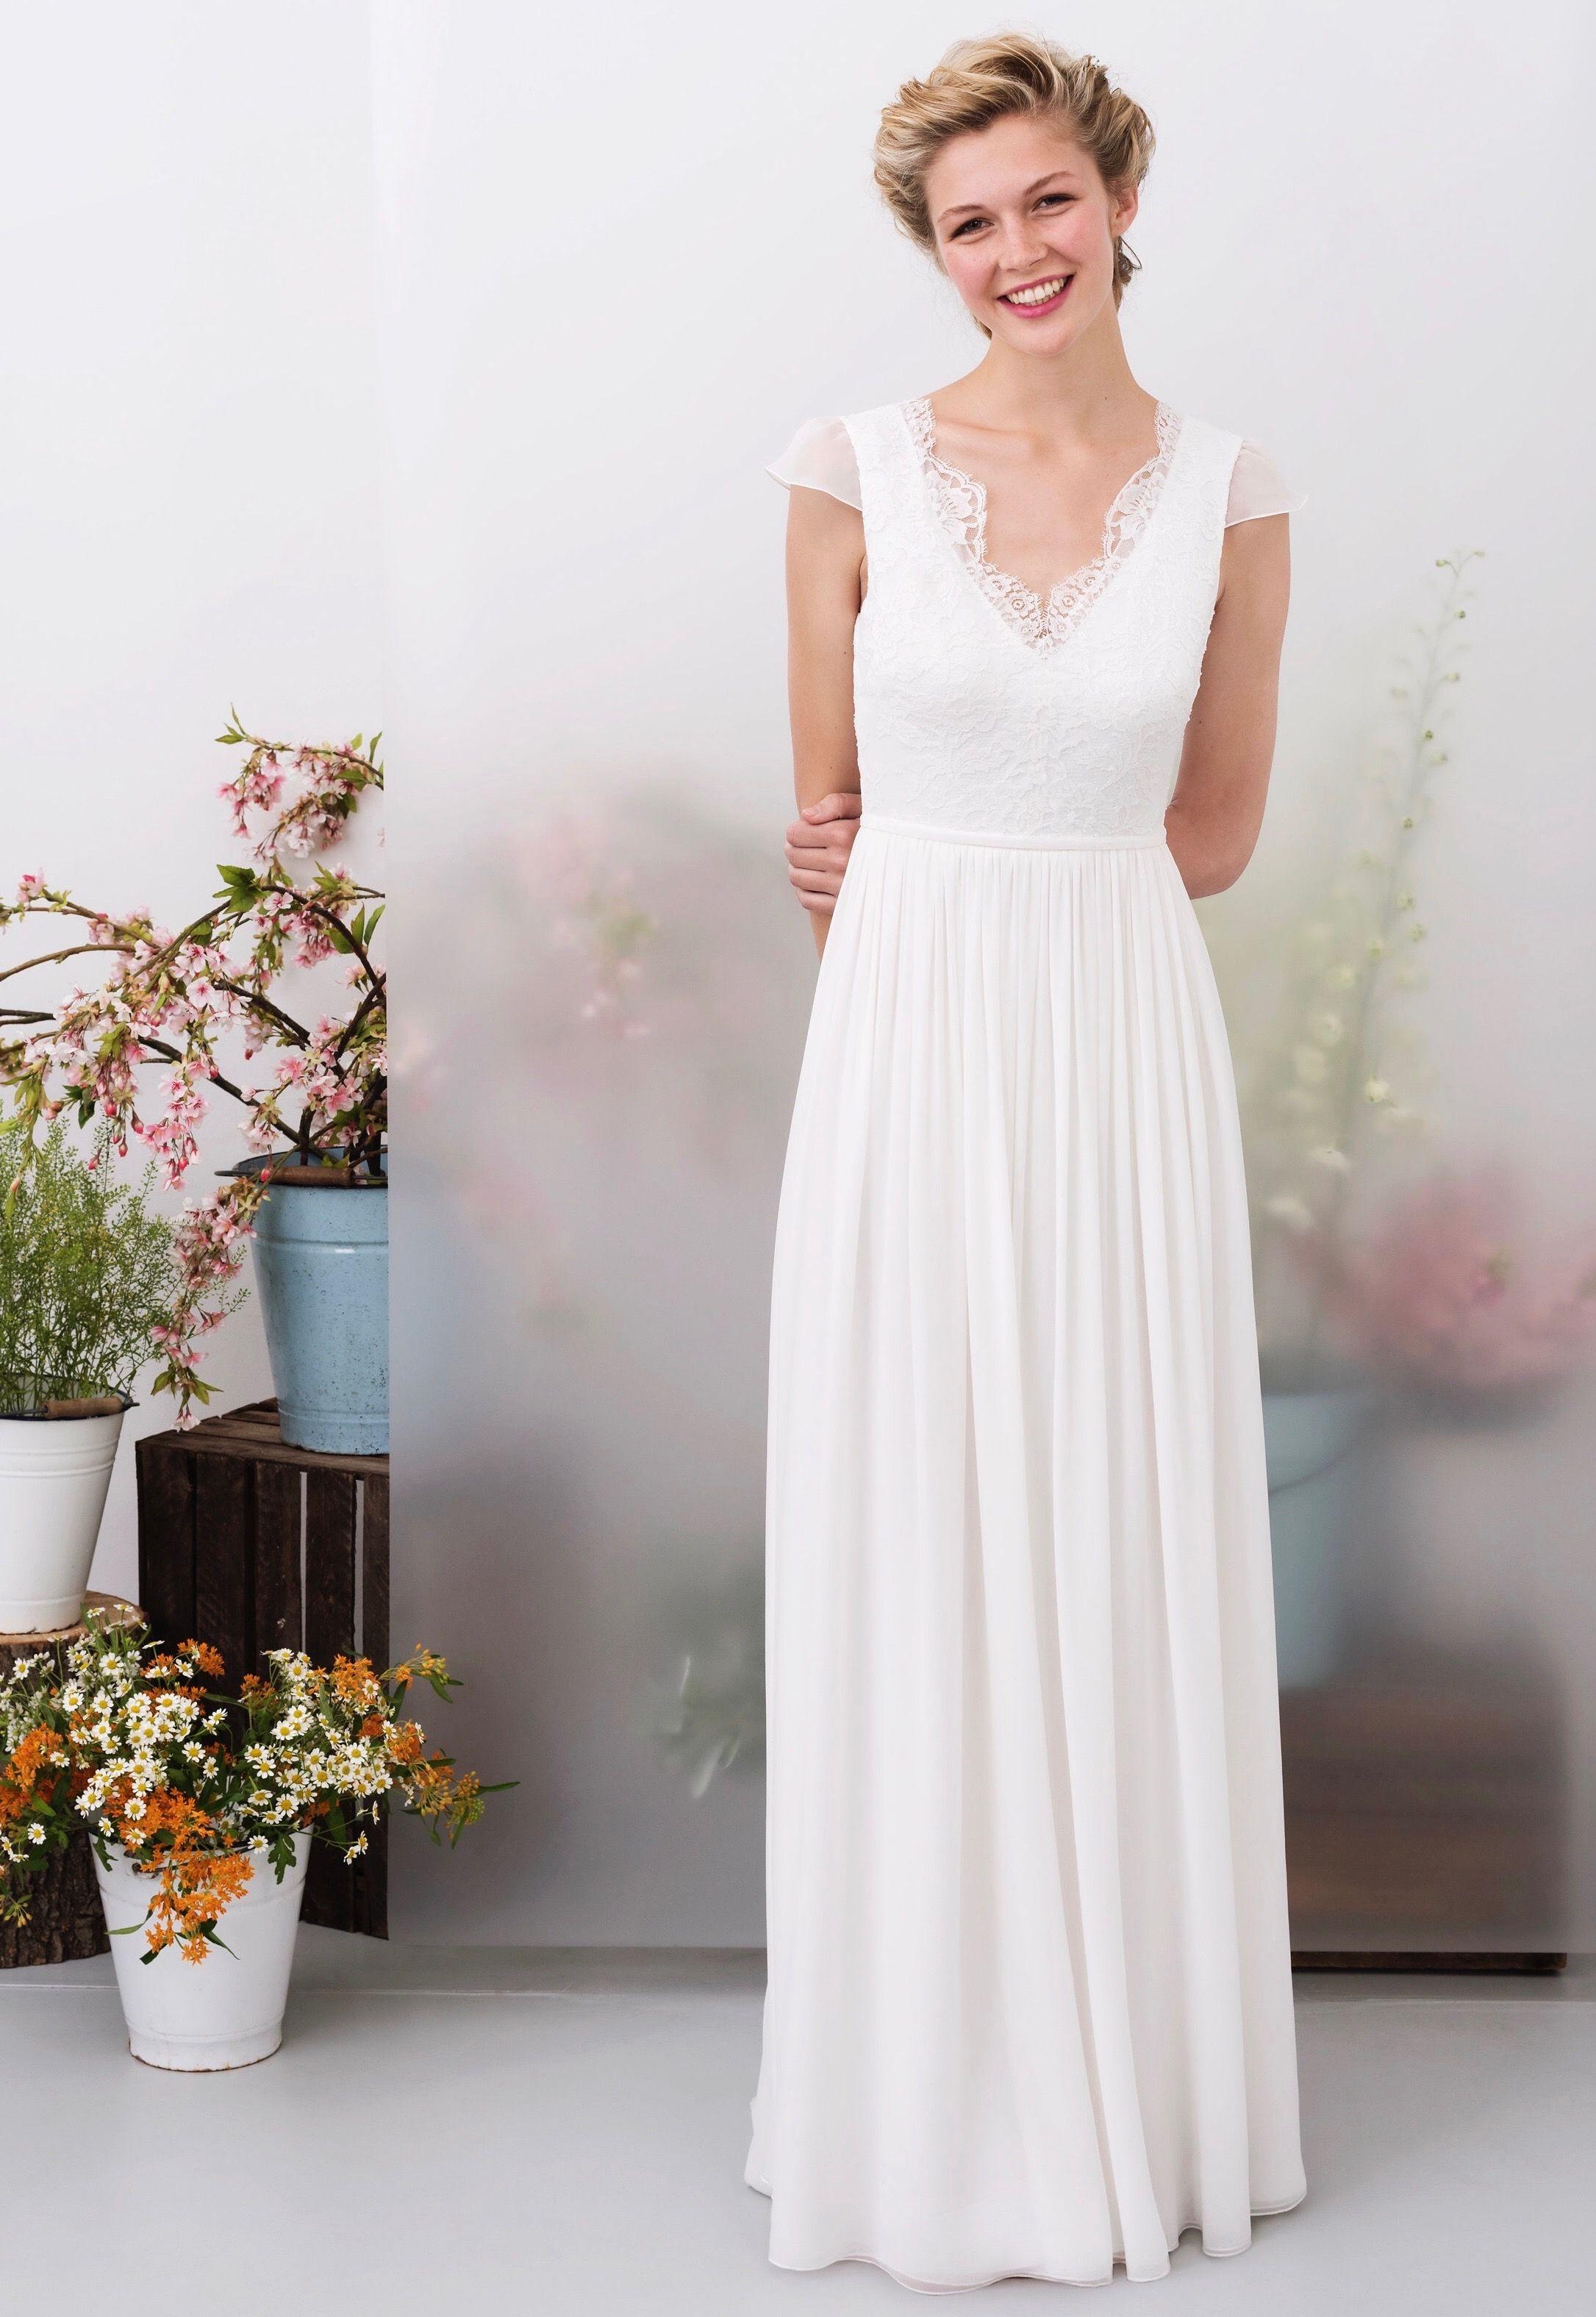 Brautkleid INJA von Kisui Berlin  Brautmode, Braut, Kleider hochzeit